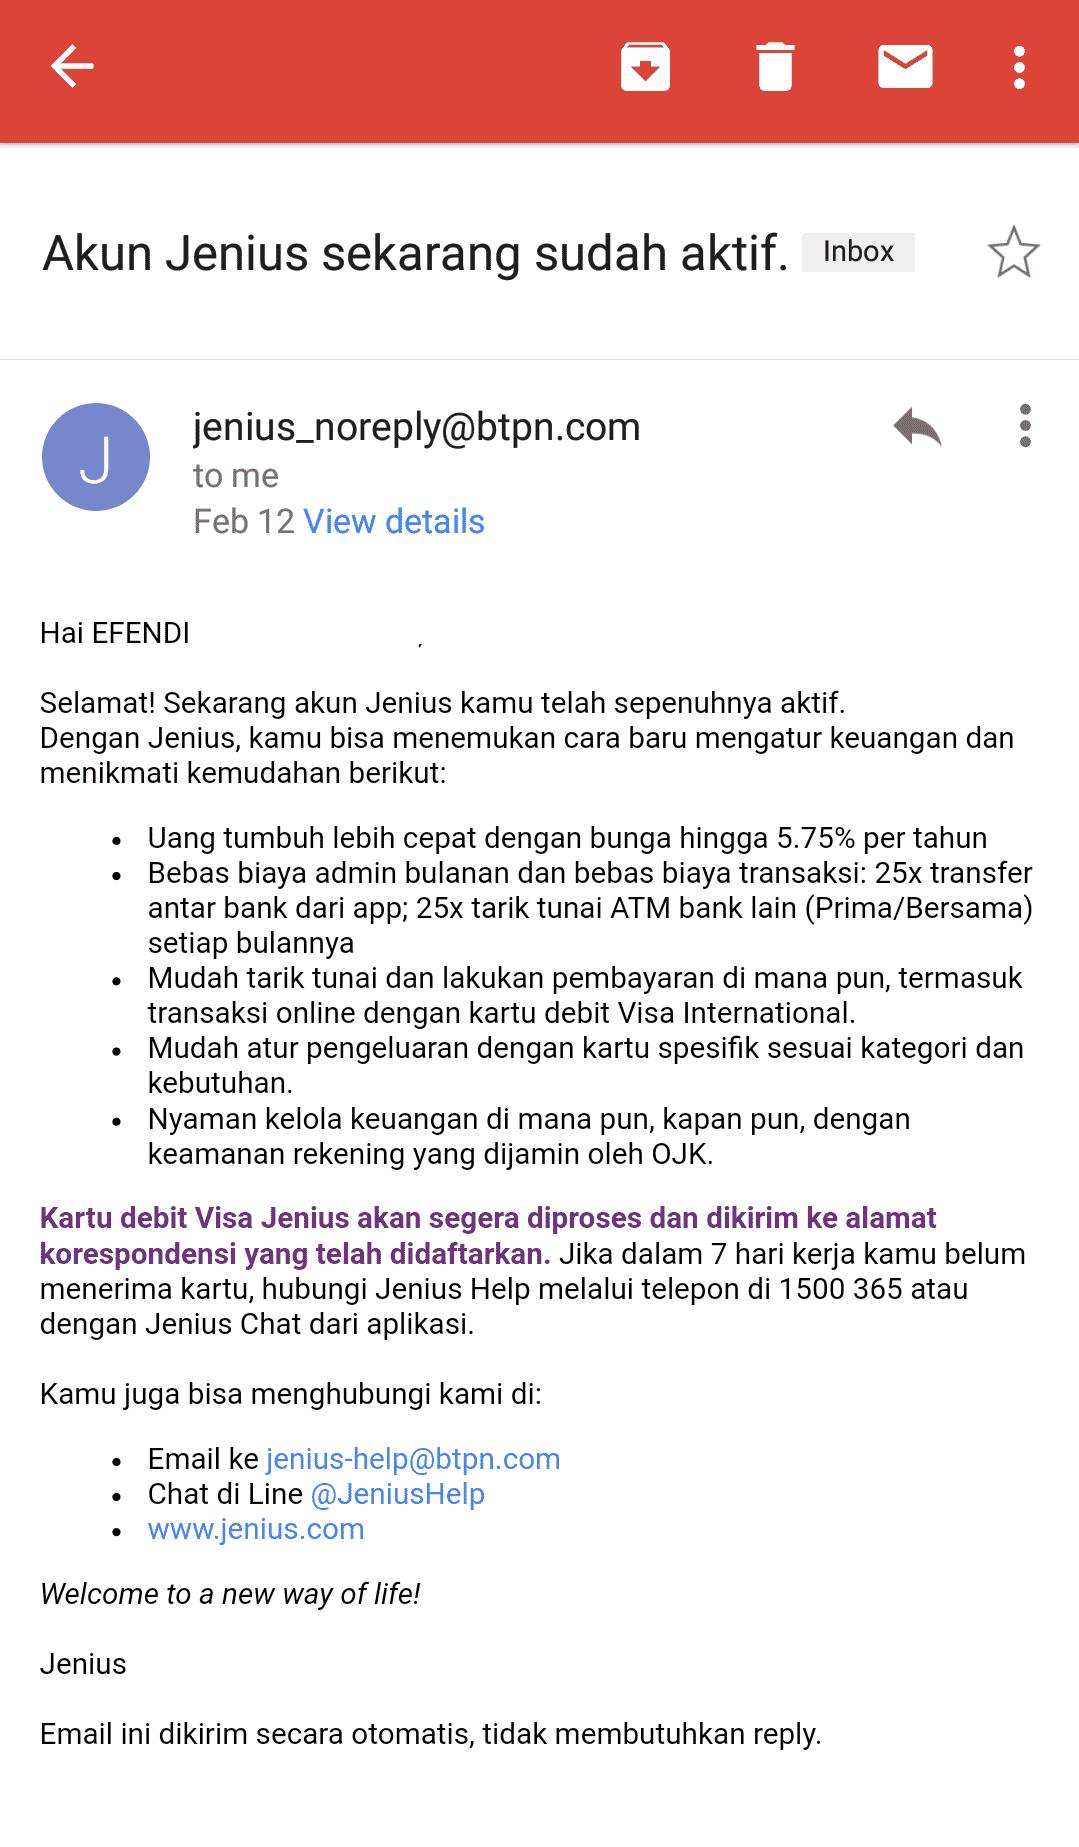 Pemberitahuan akun sudah aktif via email